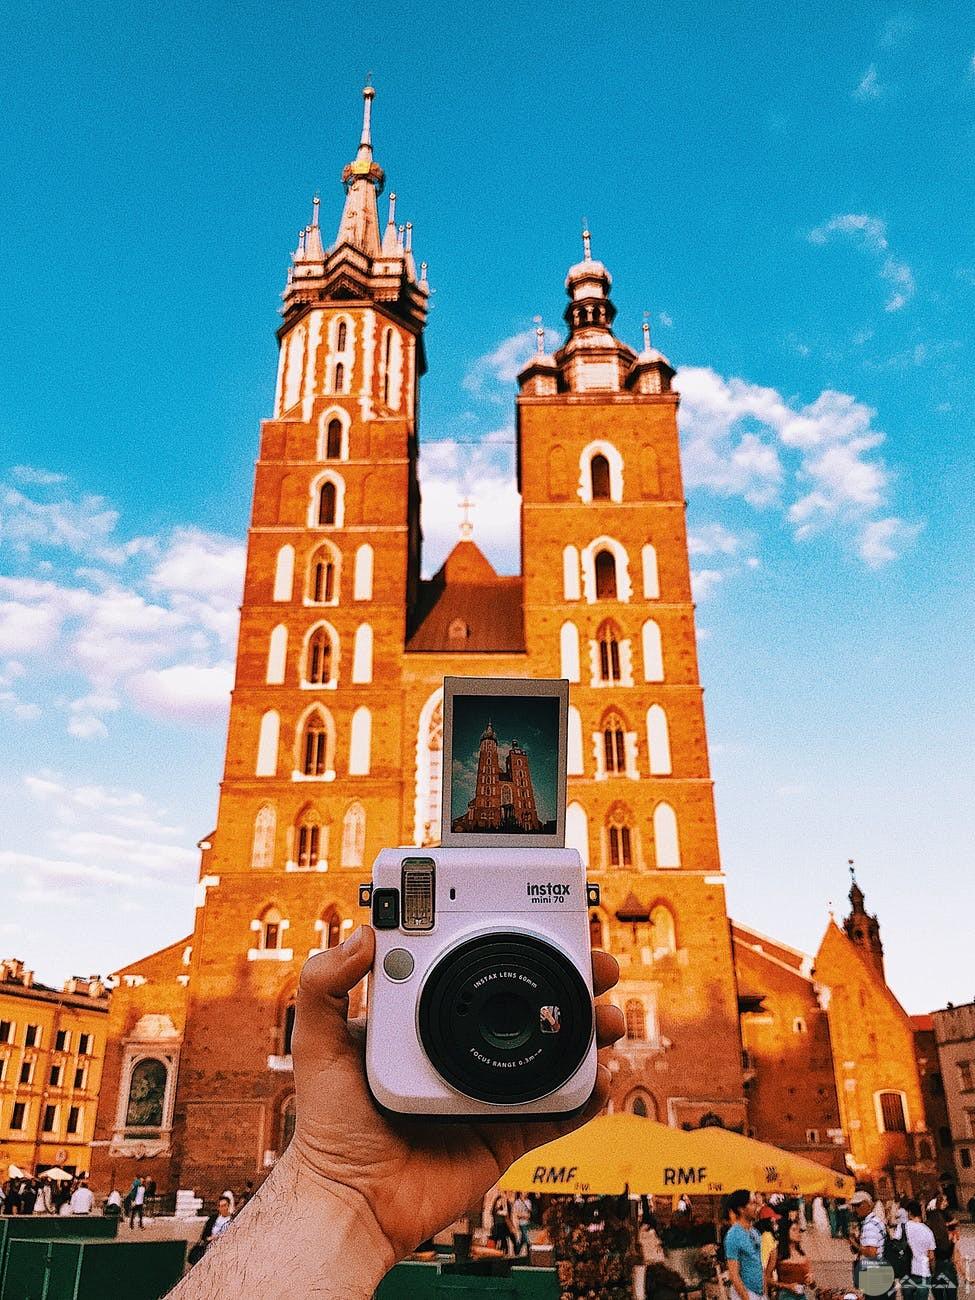 صورة مسجد على التراث الحديث